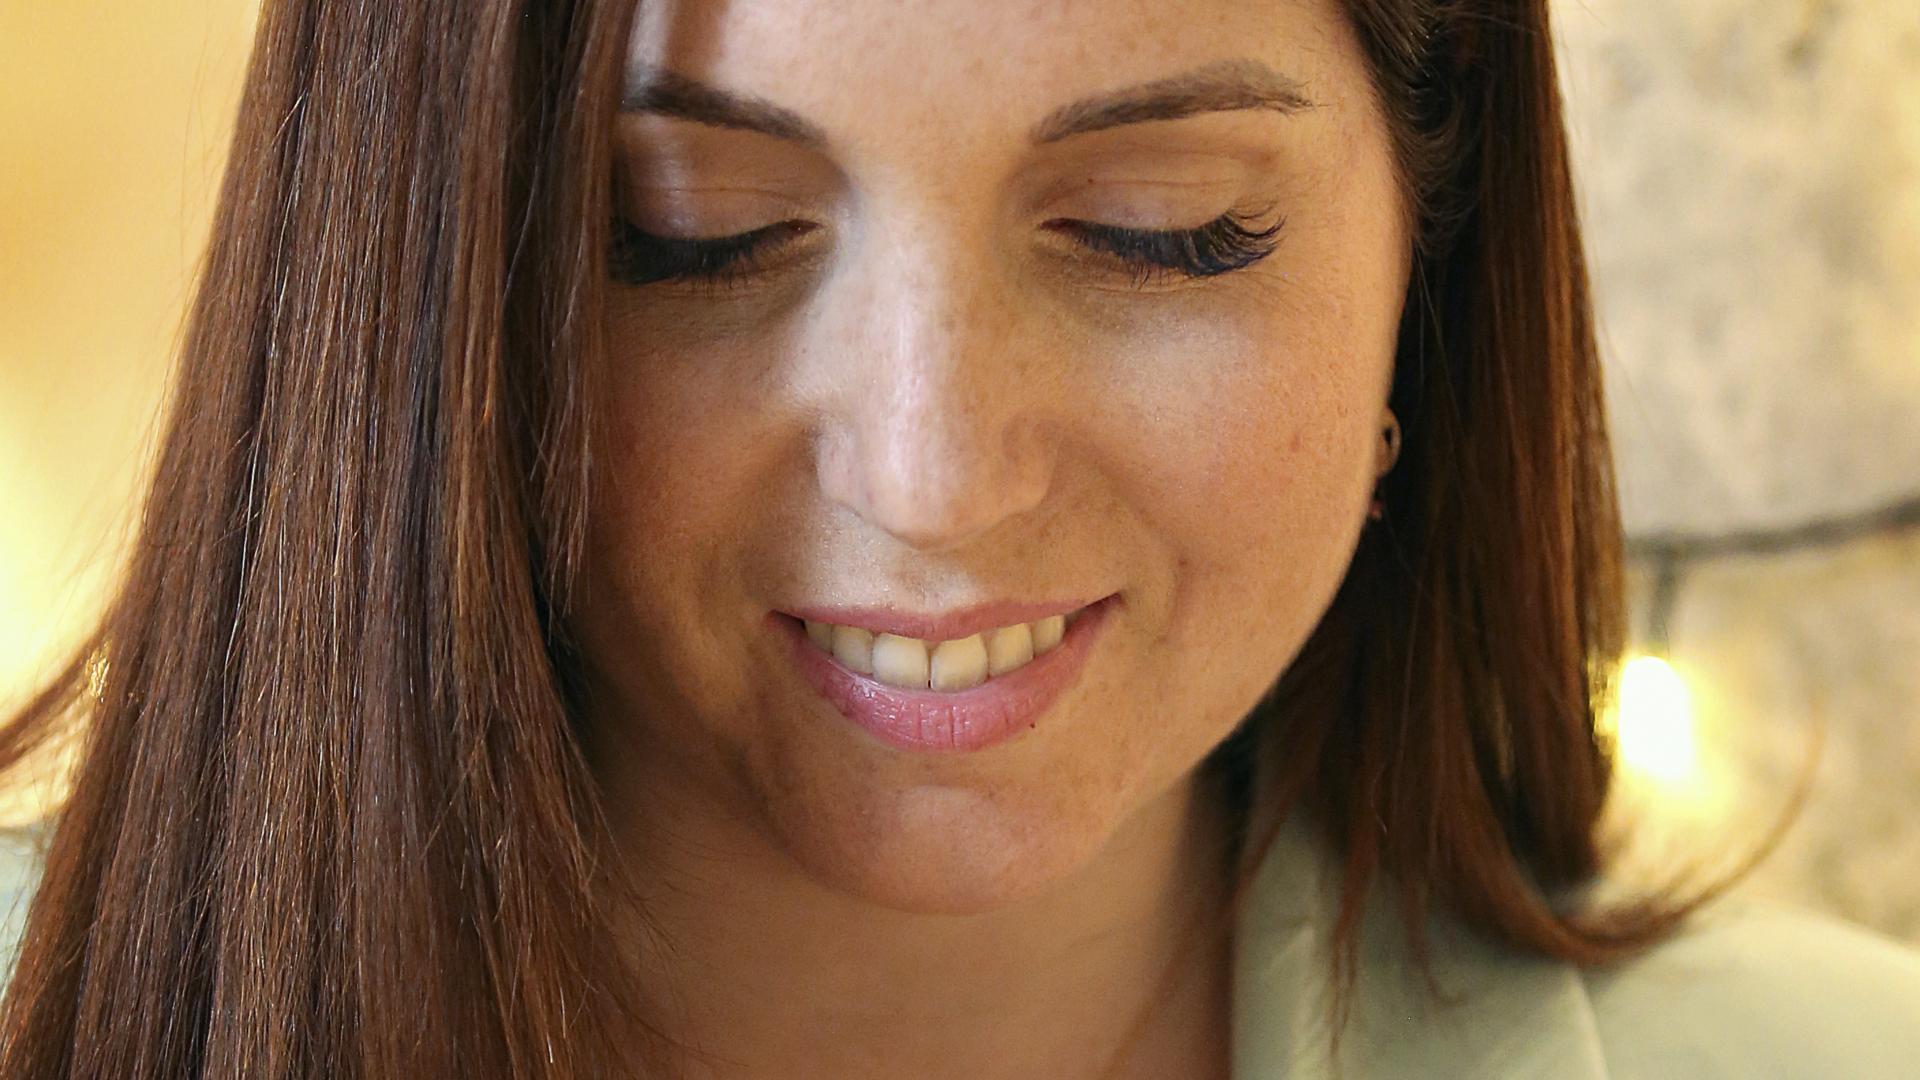 Carolina Jiménez Merino